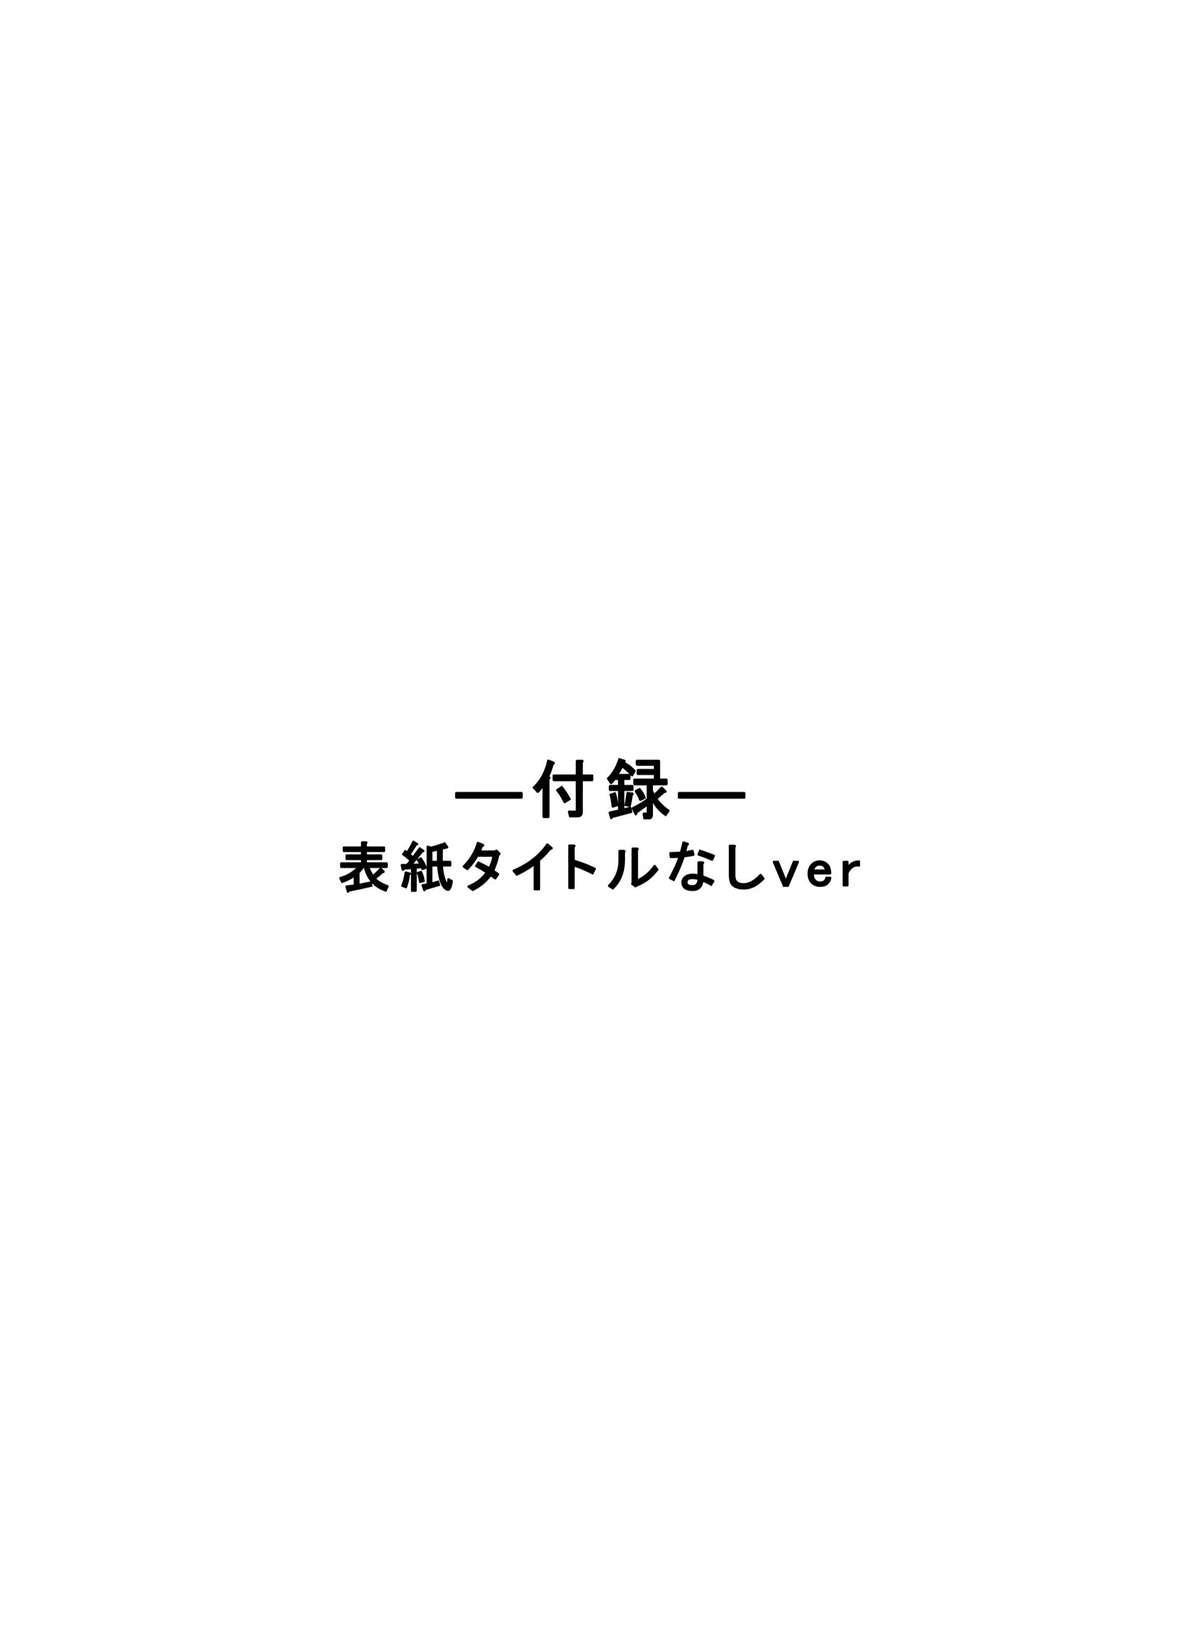 [Macxe's (monmon)] Tokubousentai Dinaranger ~Heroine Kairaku Sennou Keikaku~ Vol. 07/08/Gaiden01 [English] [SaHa] 69